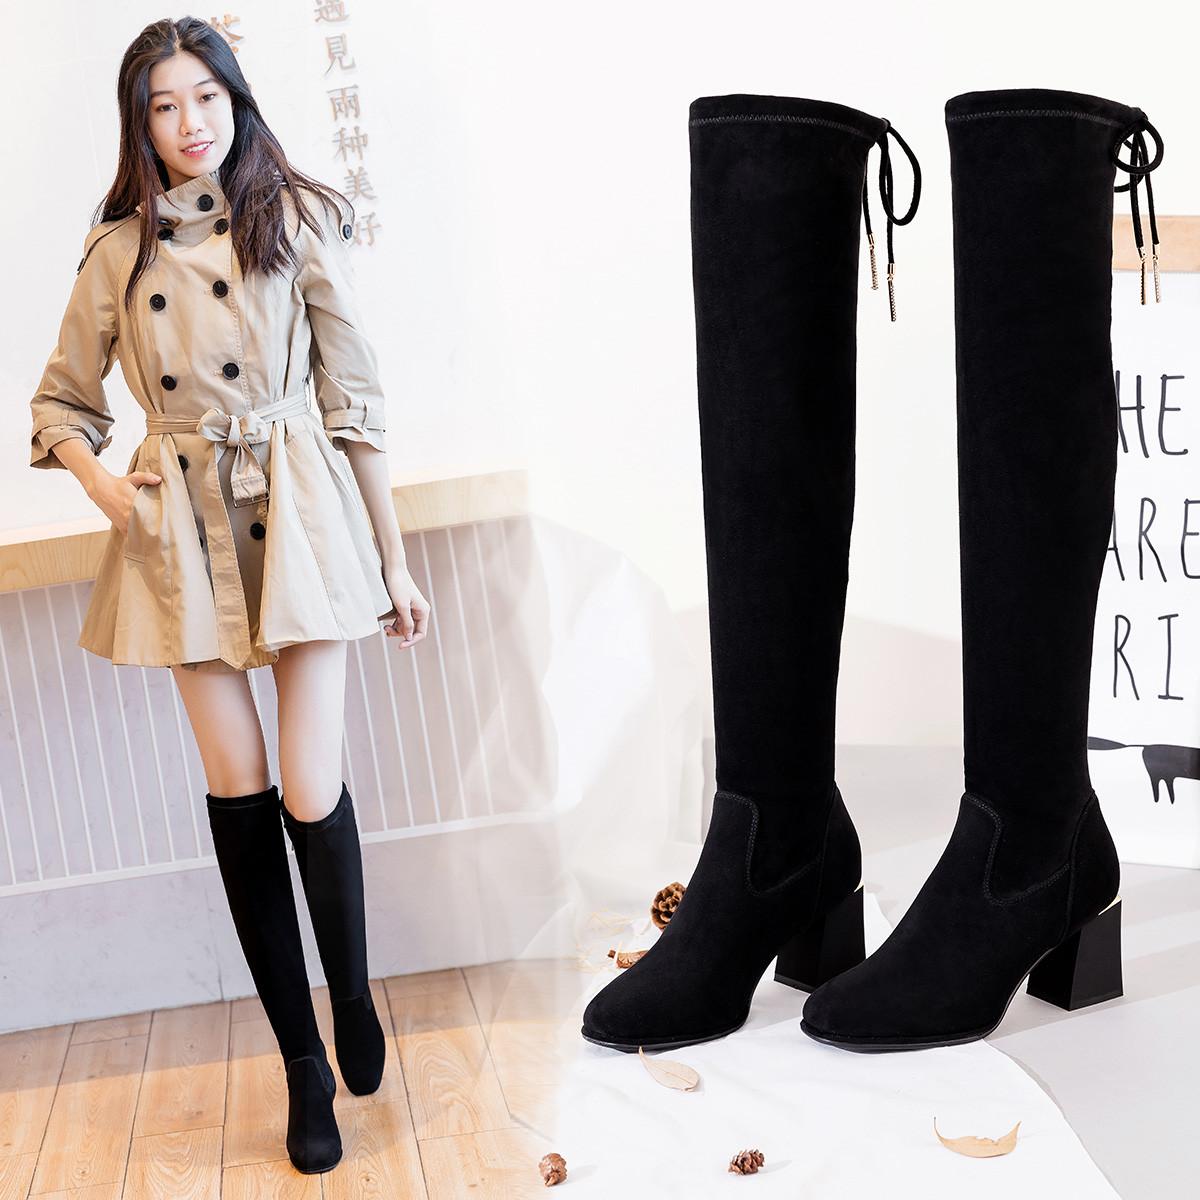 捷迪尼娅19秋冬新款绒面高跟弹力靴过膝保暖气质长靴优雅绑带女士高筒靴JDC63-88161BK